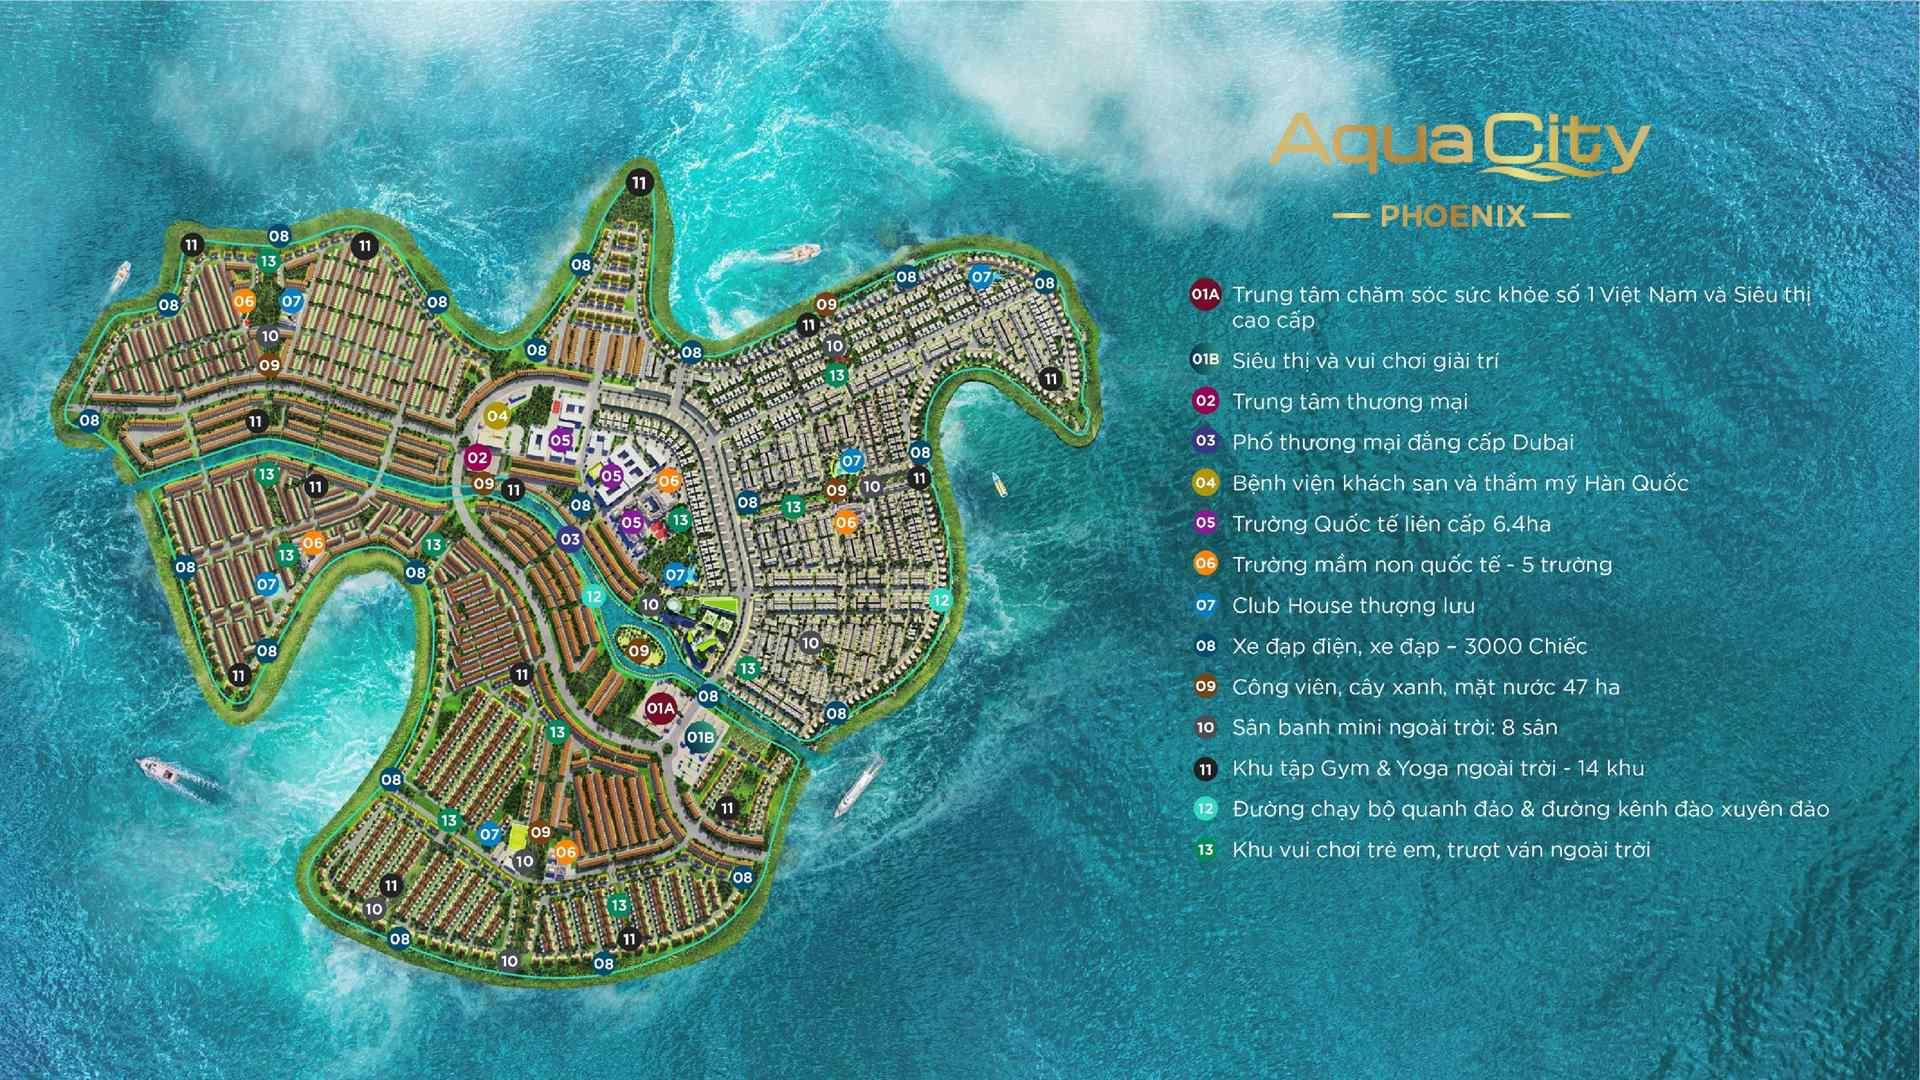 chi tiet cac tien ich cao cap tren Dao Phuong Hoang Phoenix South Aqua City Dong Nai Novaland